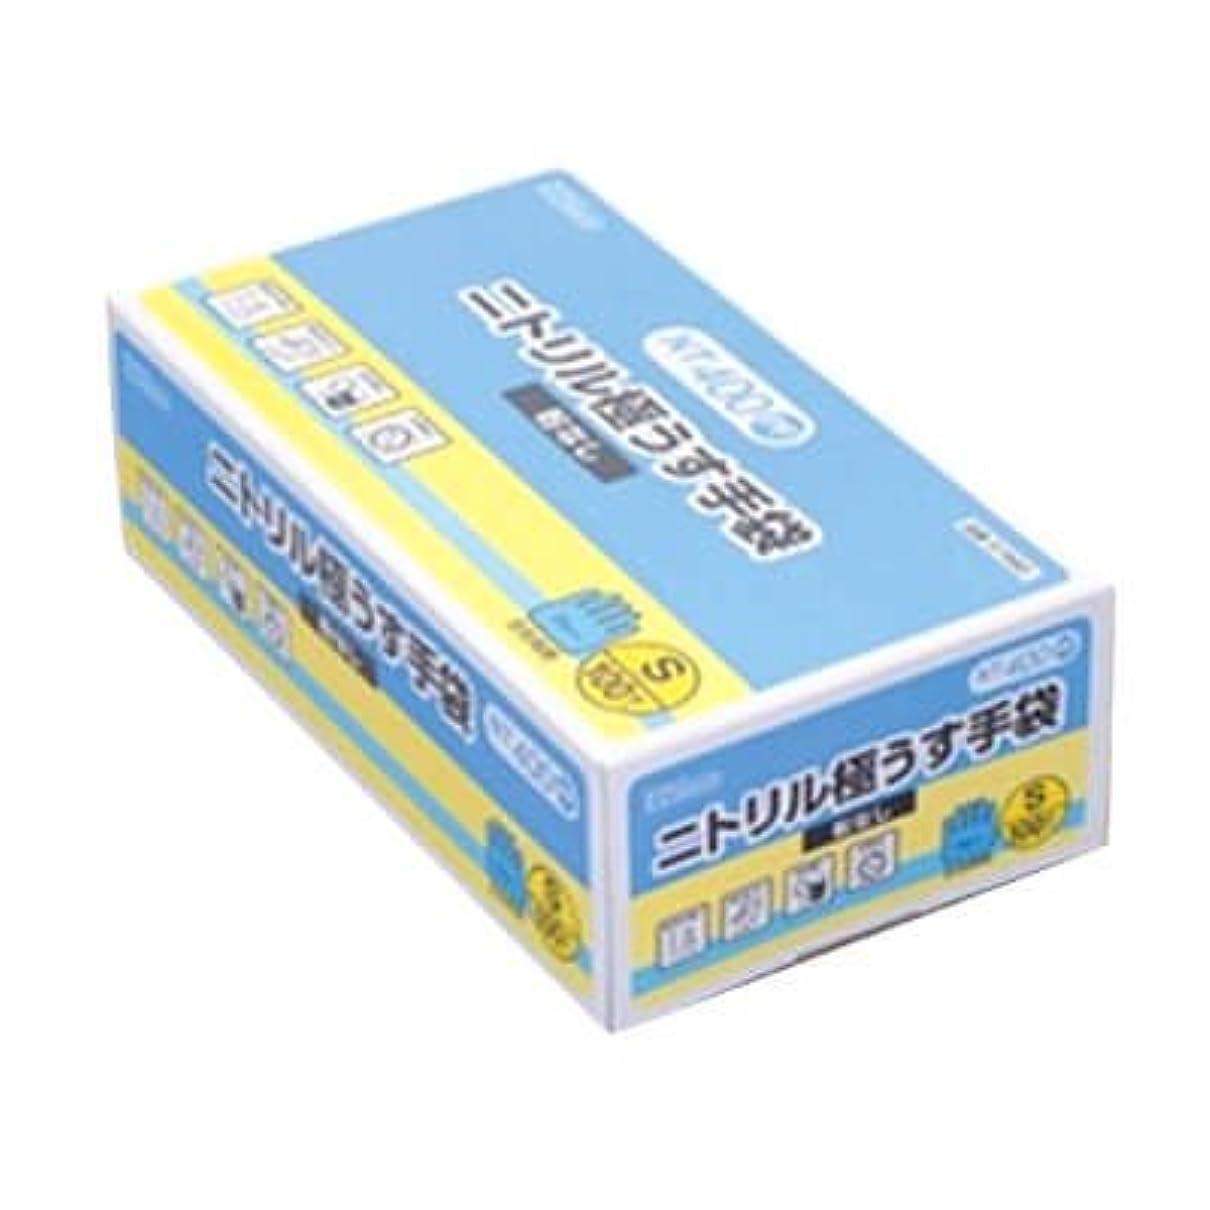 道丘に向かって【ケース販売】 ダンロップ ニトリル極うす手袋 粉無 S ブルー NT-400 (100枚入×20箱)